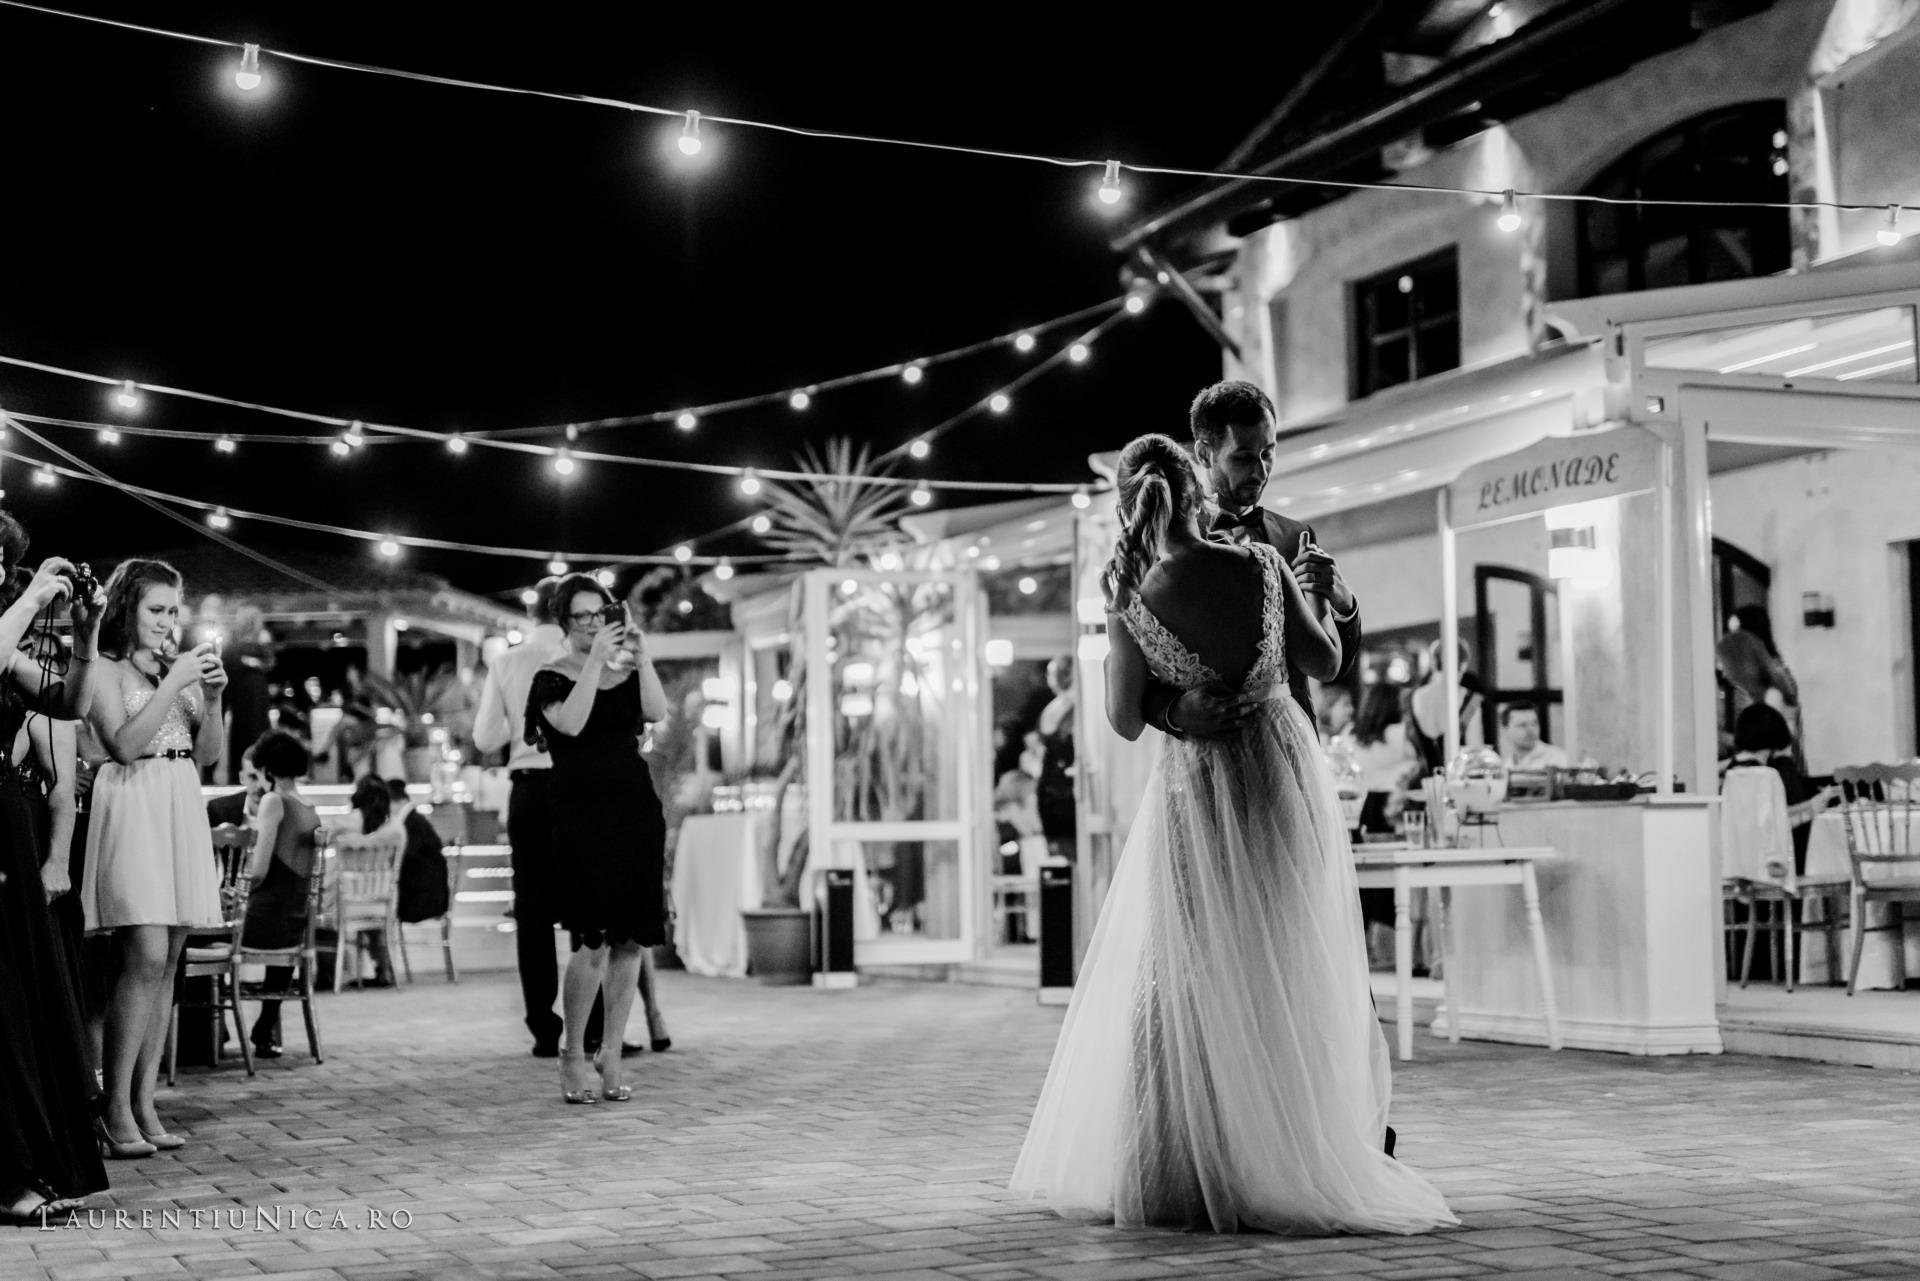 carolina si sorin craiova fotograf nunta laurentiu nica70 - Carolina & Sorin | Fotografii nunta